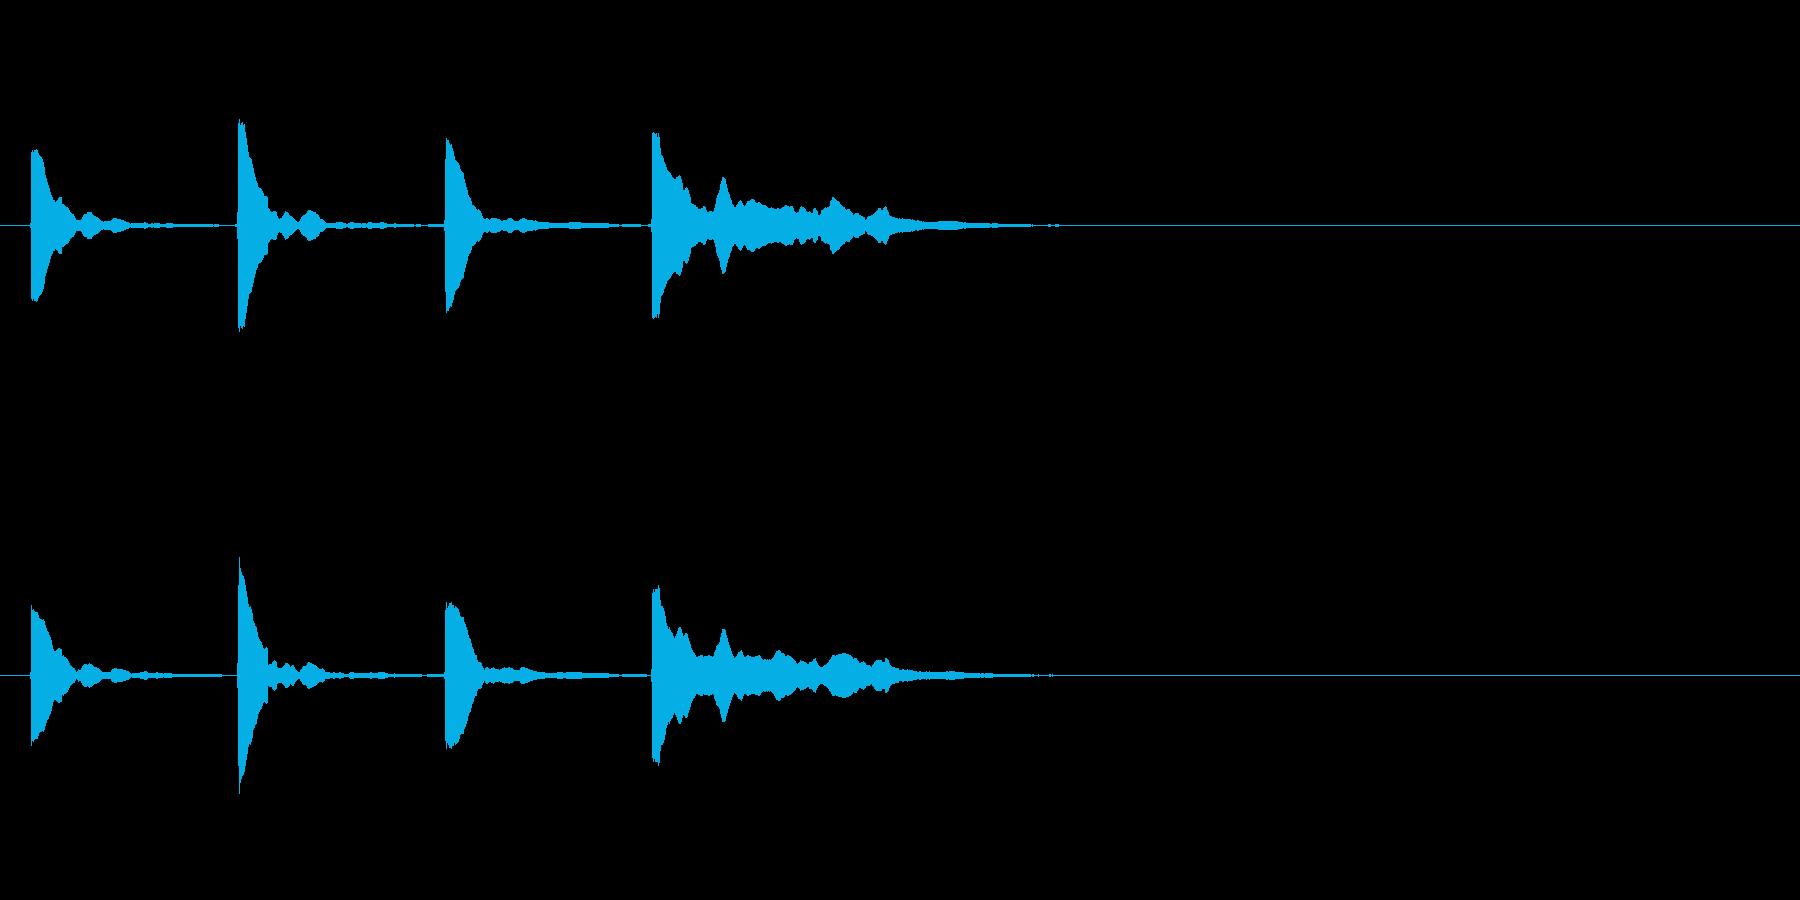 カウントダウン効果音その2_keyCの再生済みの波形